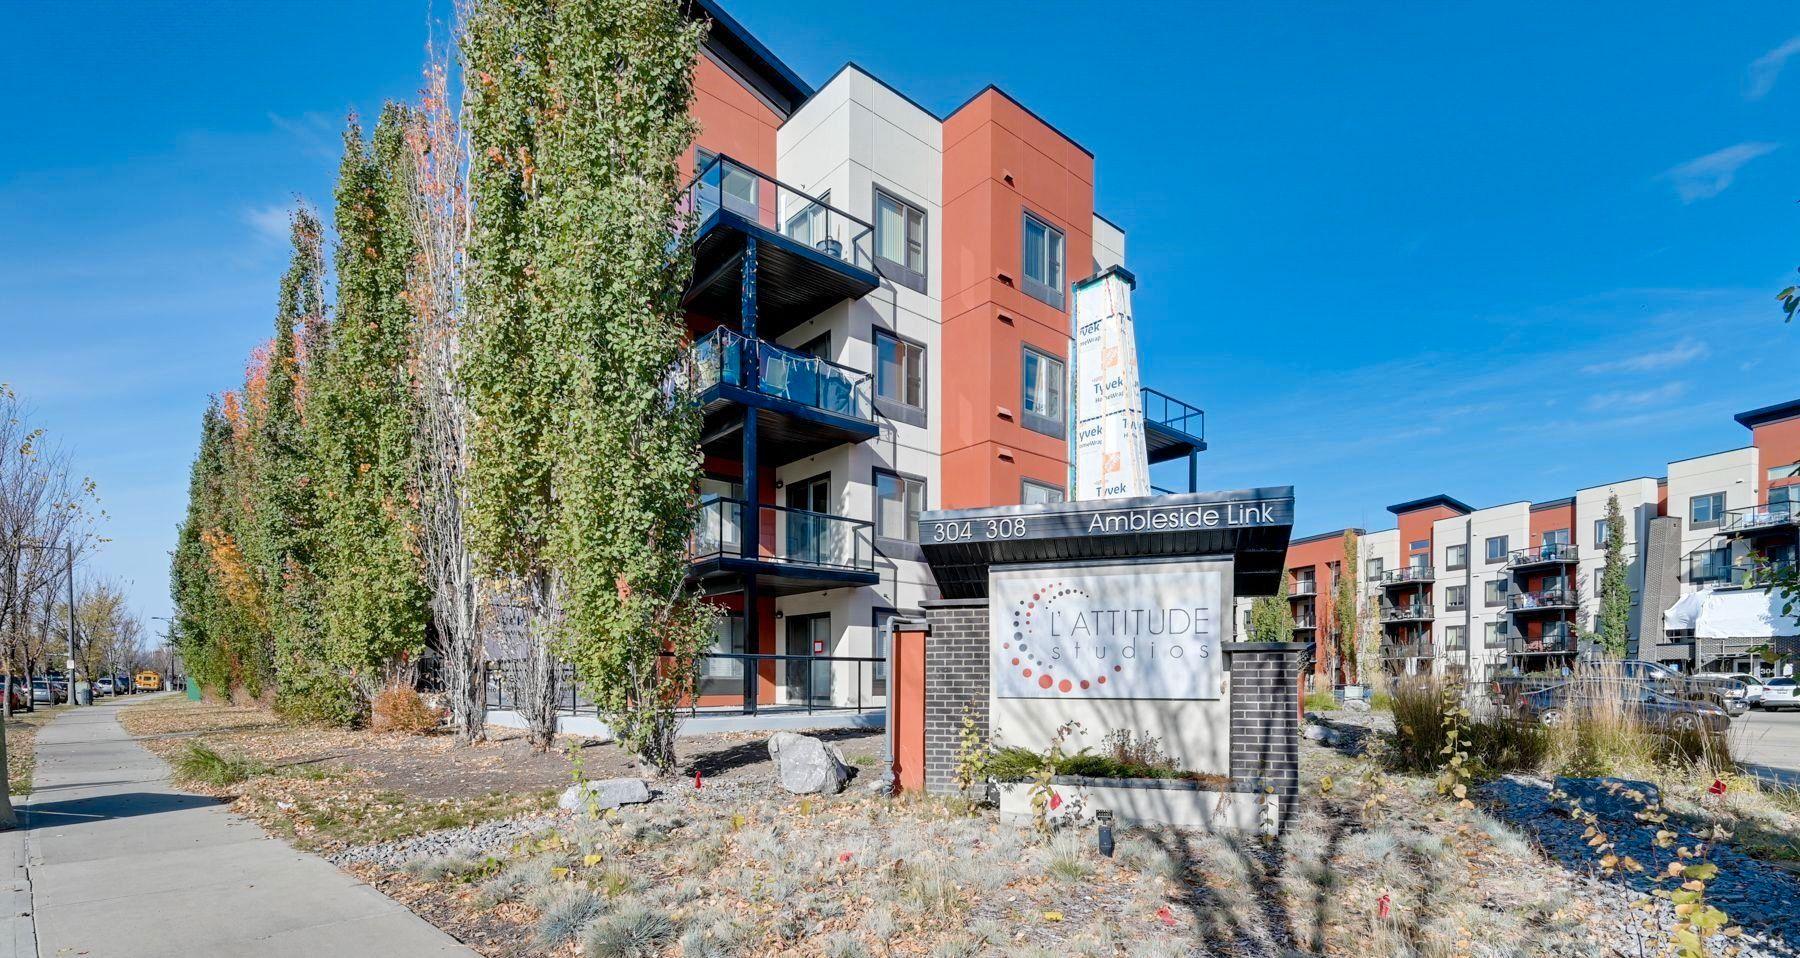 Main Photo: 243 308 AMBLESIDE Link in Edmonton: Zone 56 Condo for sale : MLS®# E4260650